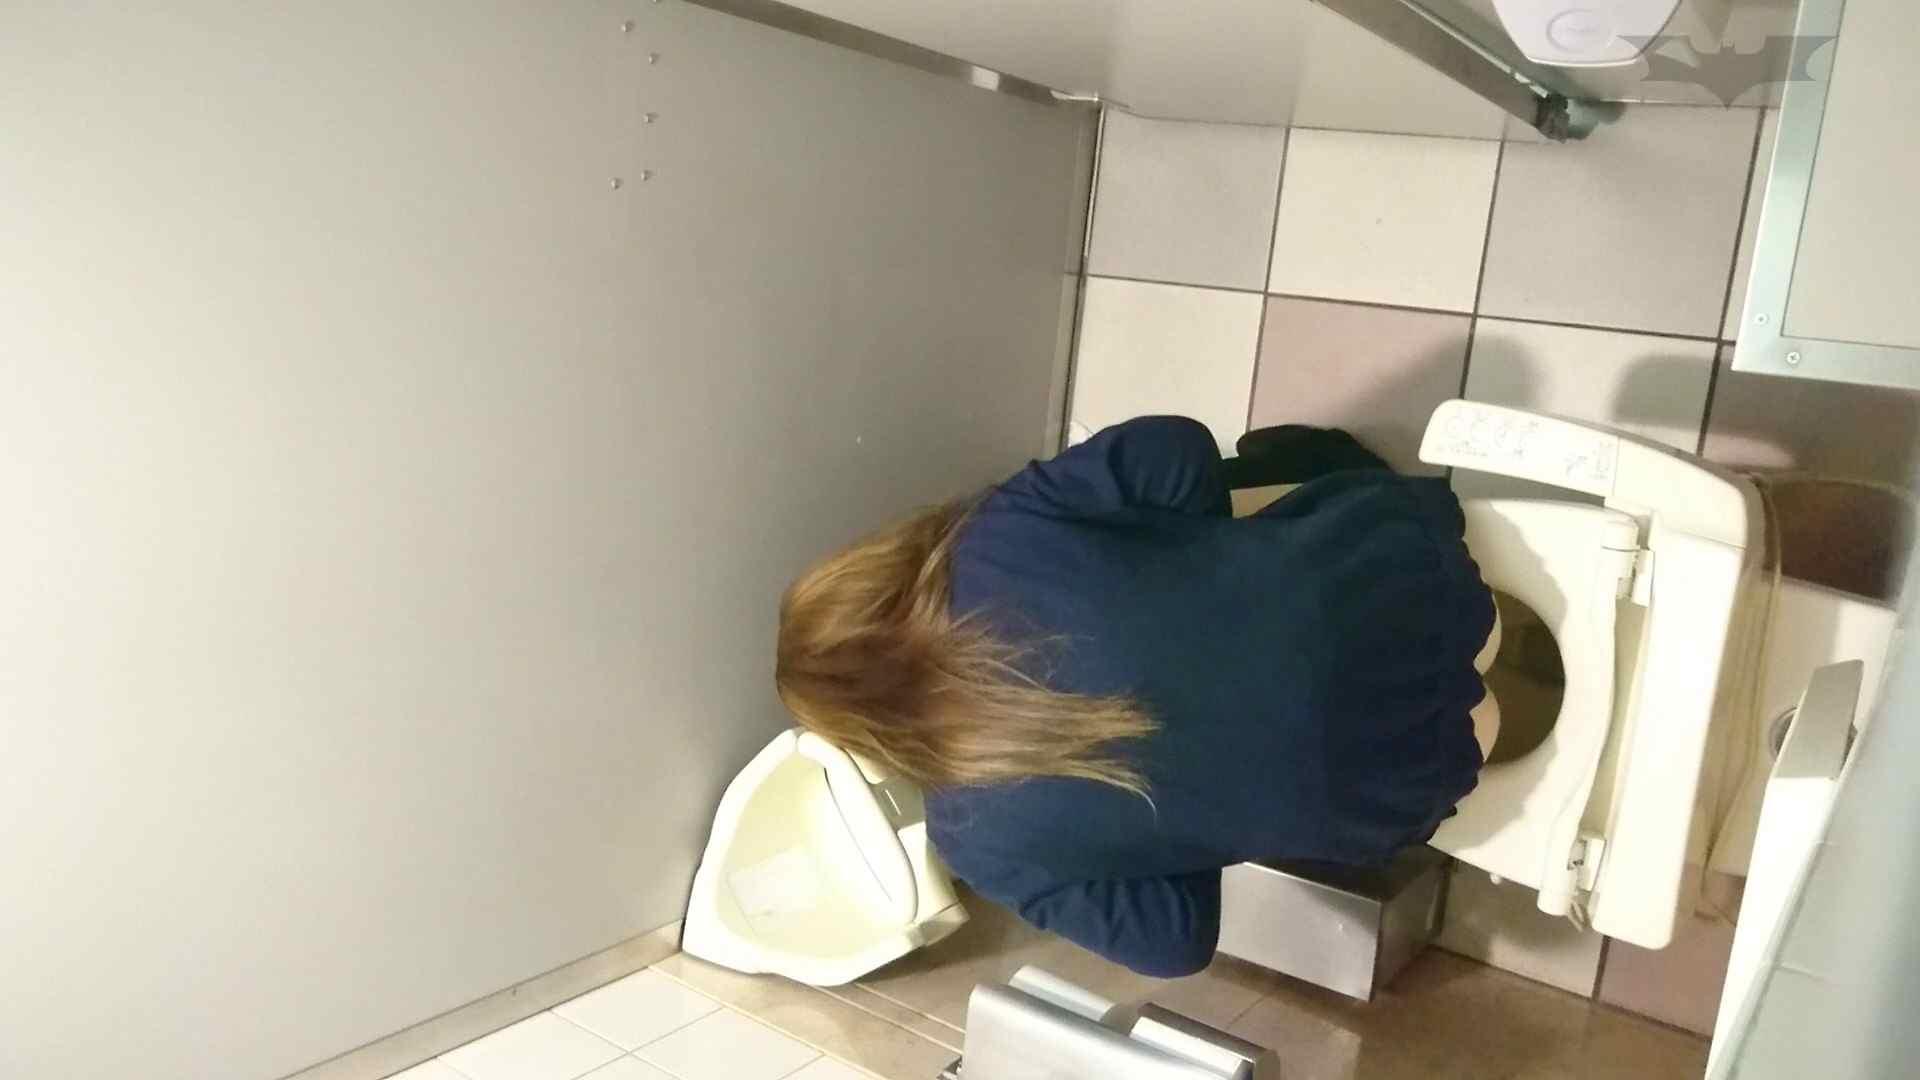 化粧室絵巻 ショッピングモール編 VOL.12 美肌 戯れ無修正画像 89枚 36